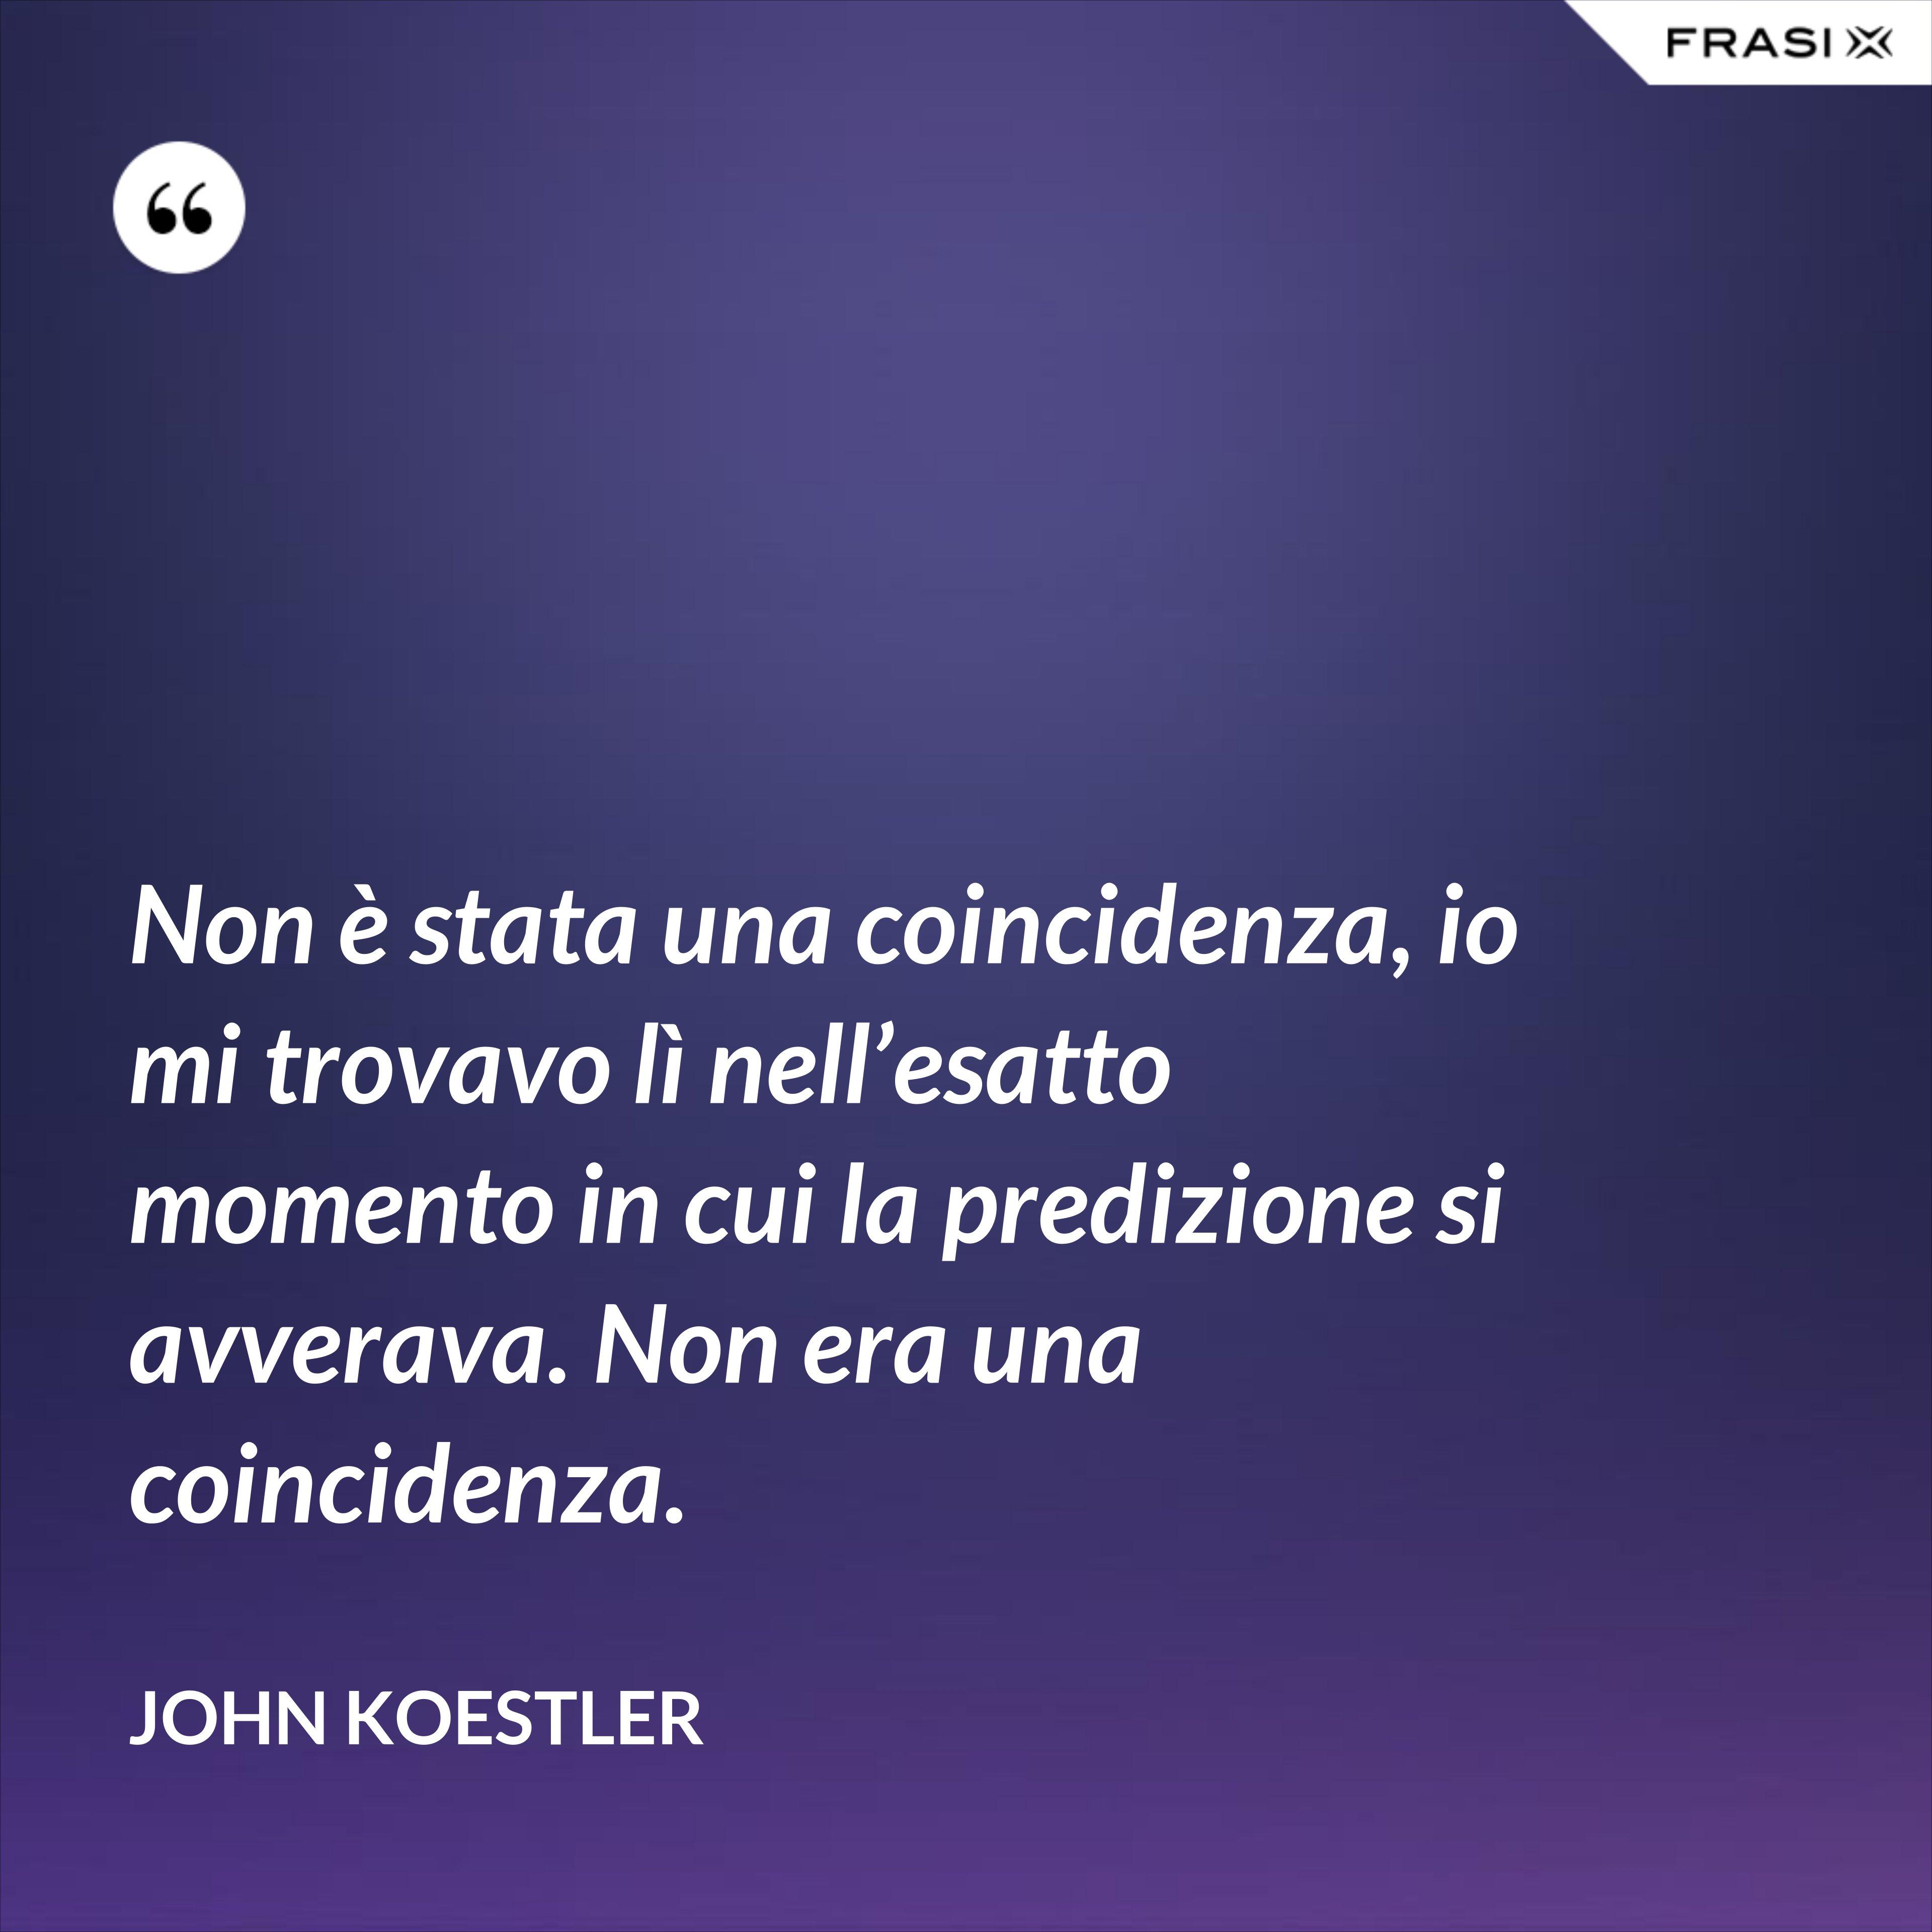 Non è stata una coincidenza, io mi trovavo lì nell'esatto momento in cui la predizione si avverava. Non era una coincidenza. - John Koestler